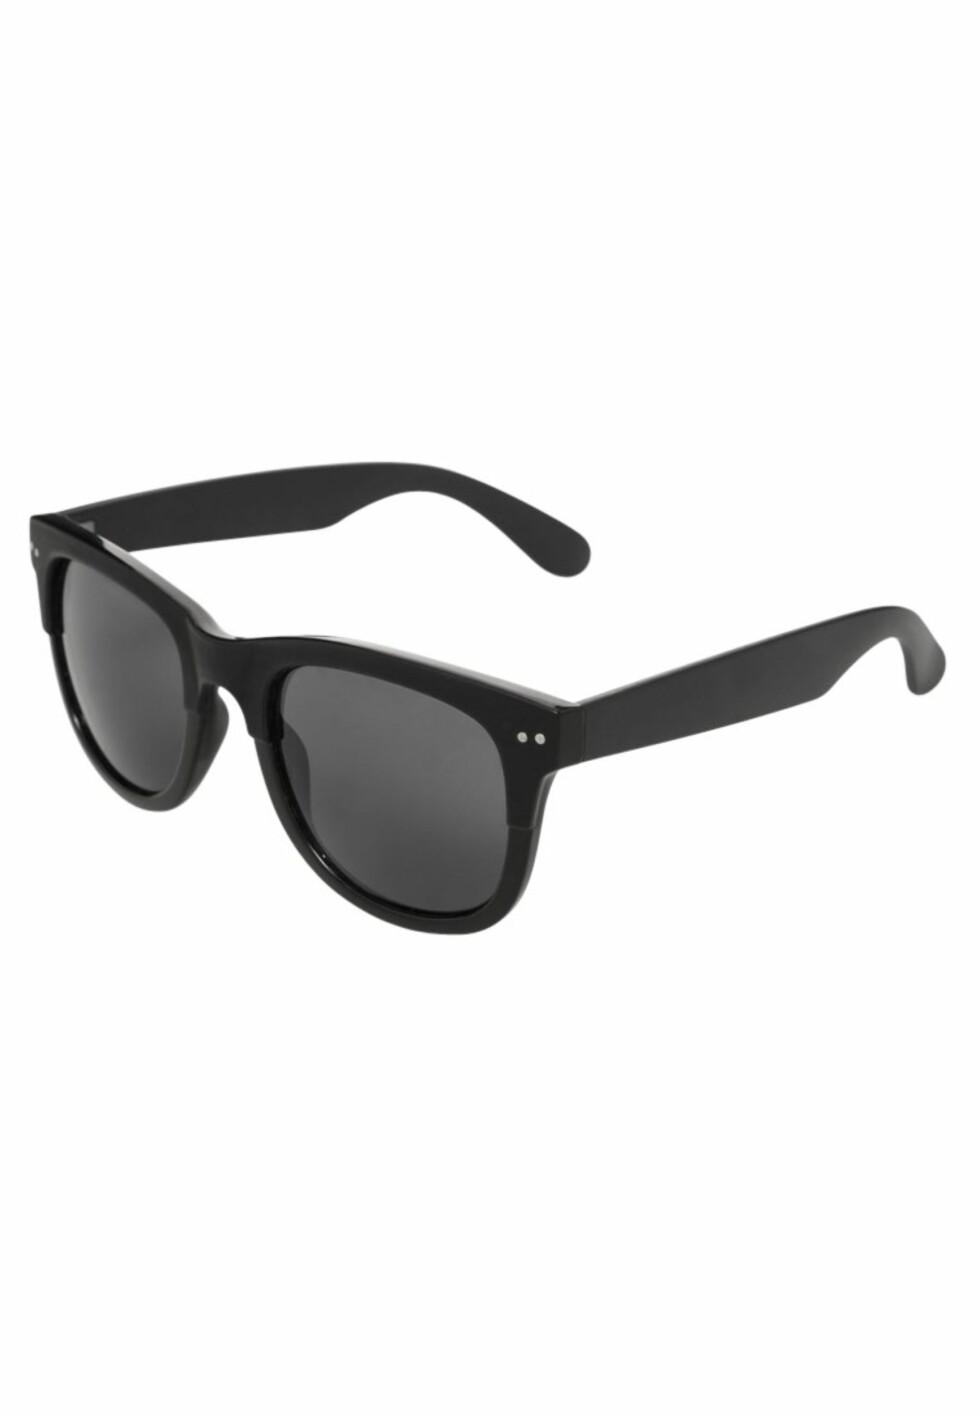 Solbriller fra Kiomi via Zalando.no, kr 149. Foto: Zalando.no